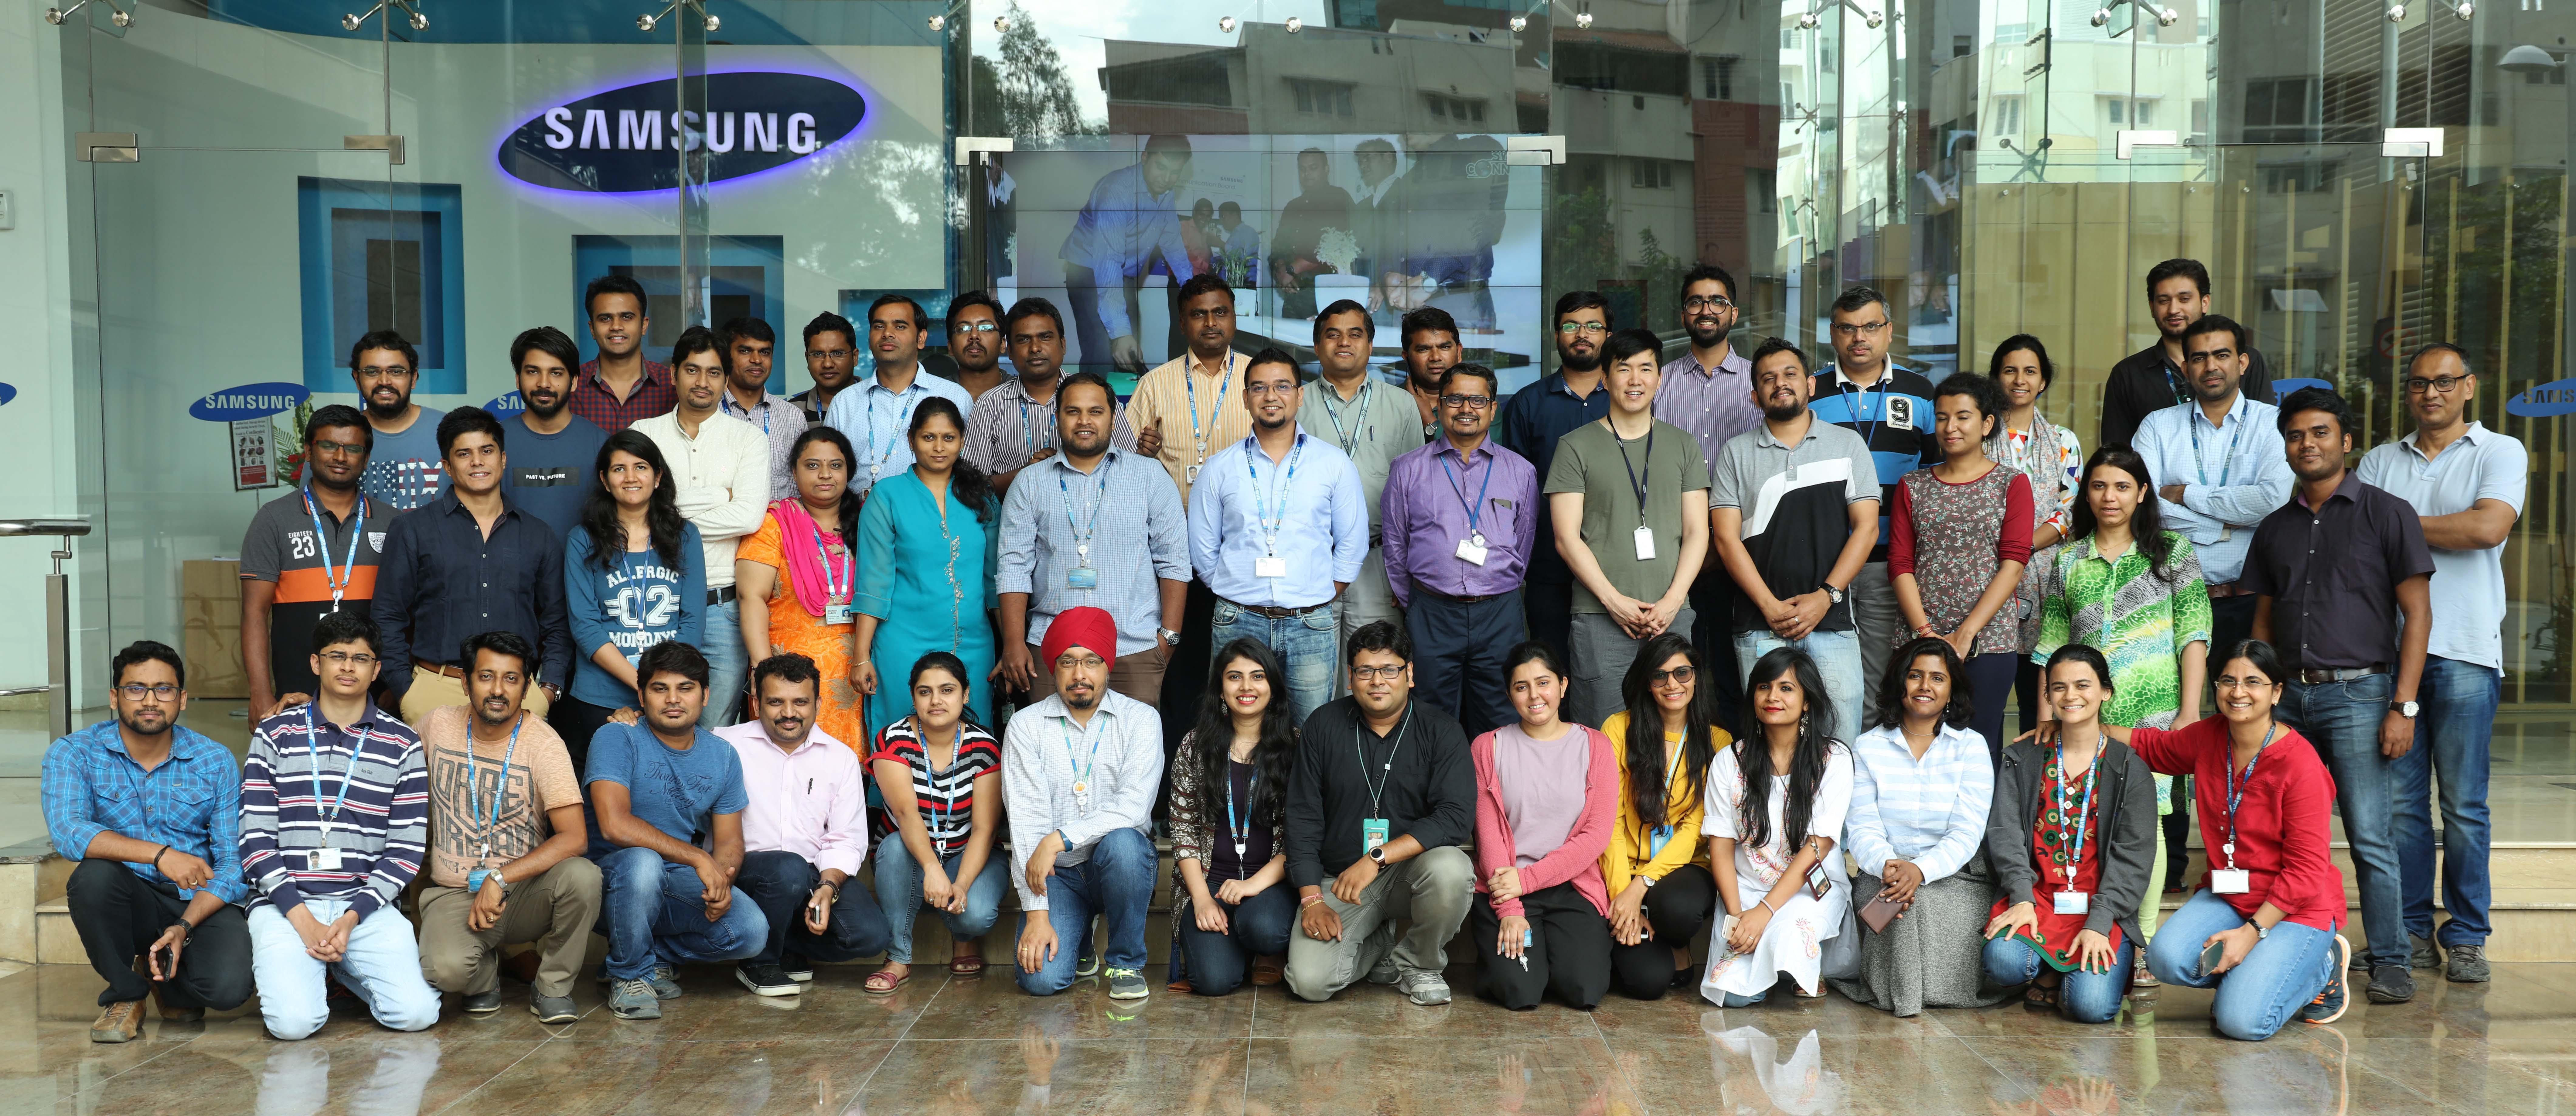 the market team samsung Partner portal - samsung.